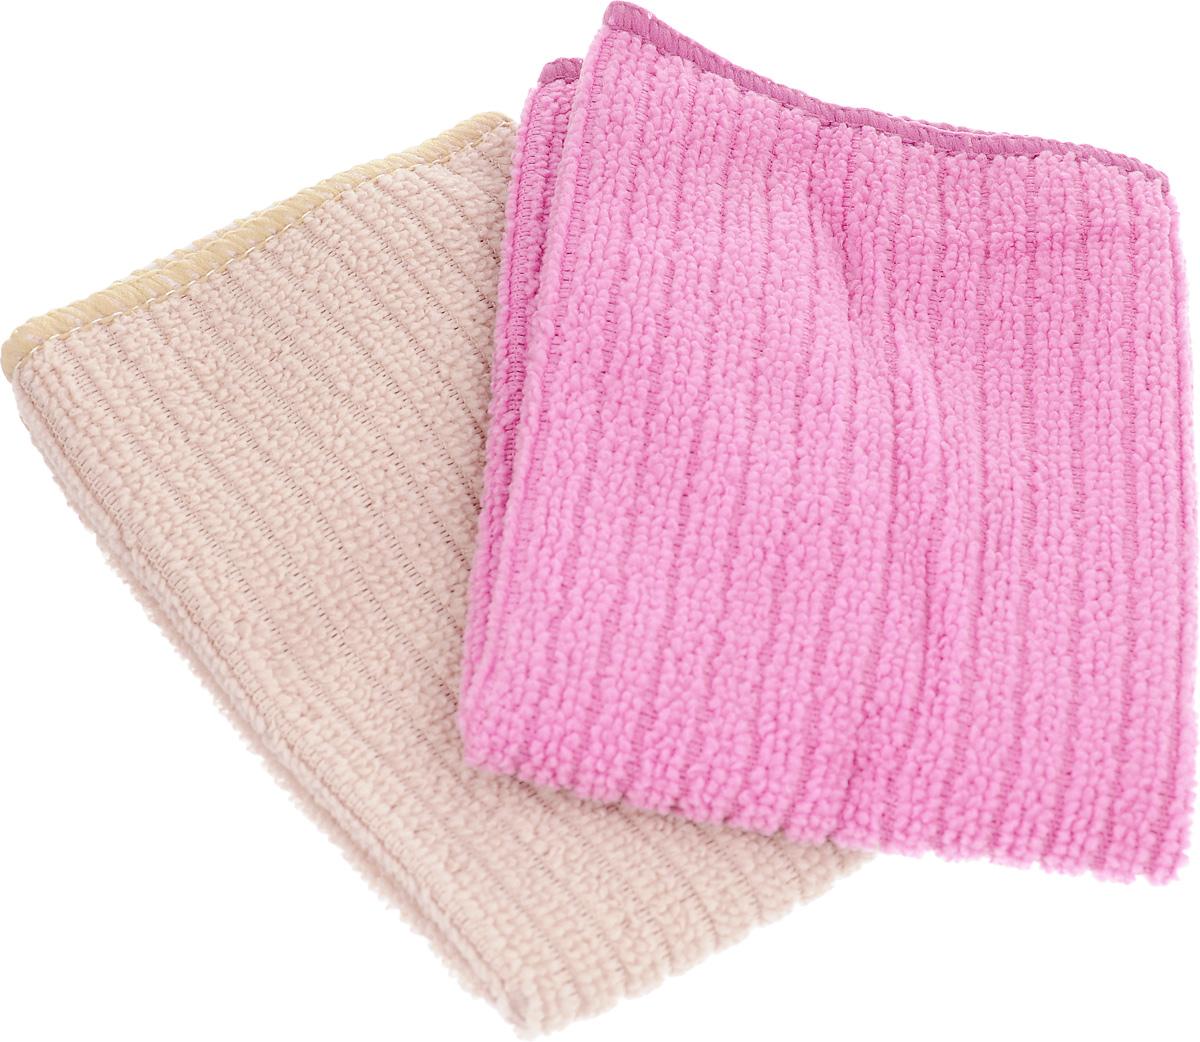 Салфетка из микрофибры Home Queen, цвет: розовый, бежевый, 30 х 30 см, 2 шт57048_розовый, бежевый без полоскиСалфетка Home Queen изготовлена из микрофибры. Это великолепная гипоаллергенная ткань, изготовленная из тончайших полимерных микроволокон. Салфетка из микрофибры может поглощать количество пыли и влаги, в 7 раз превышающее ее собственный вес. Многочисленные поры между микроволокнами, благодаря капиллярному эффекту, мгновенно впитывают воду, подобно губке. Благодаря мелким порам микроволокна, любые капельки, остающиеся на чистящей поверхности, очень быстро испаряются, и остается чистая дорожка без полос и разводов. В сухом виде при вытирании поверхности волокна микрофибры электризуются и притягивают к себе микробов, мельчайшие частицы пыли и грязи, удерживая их в своих микропорах.